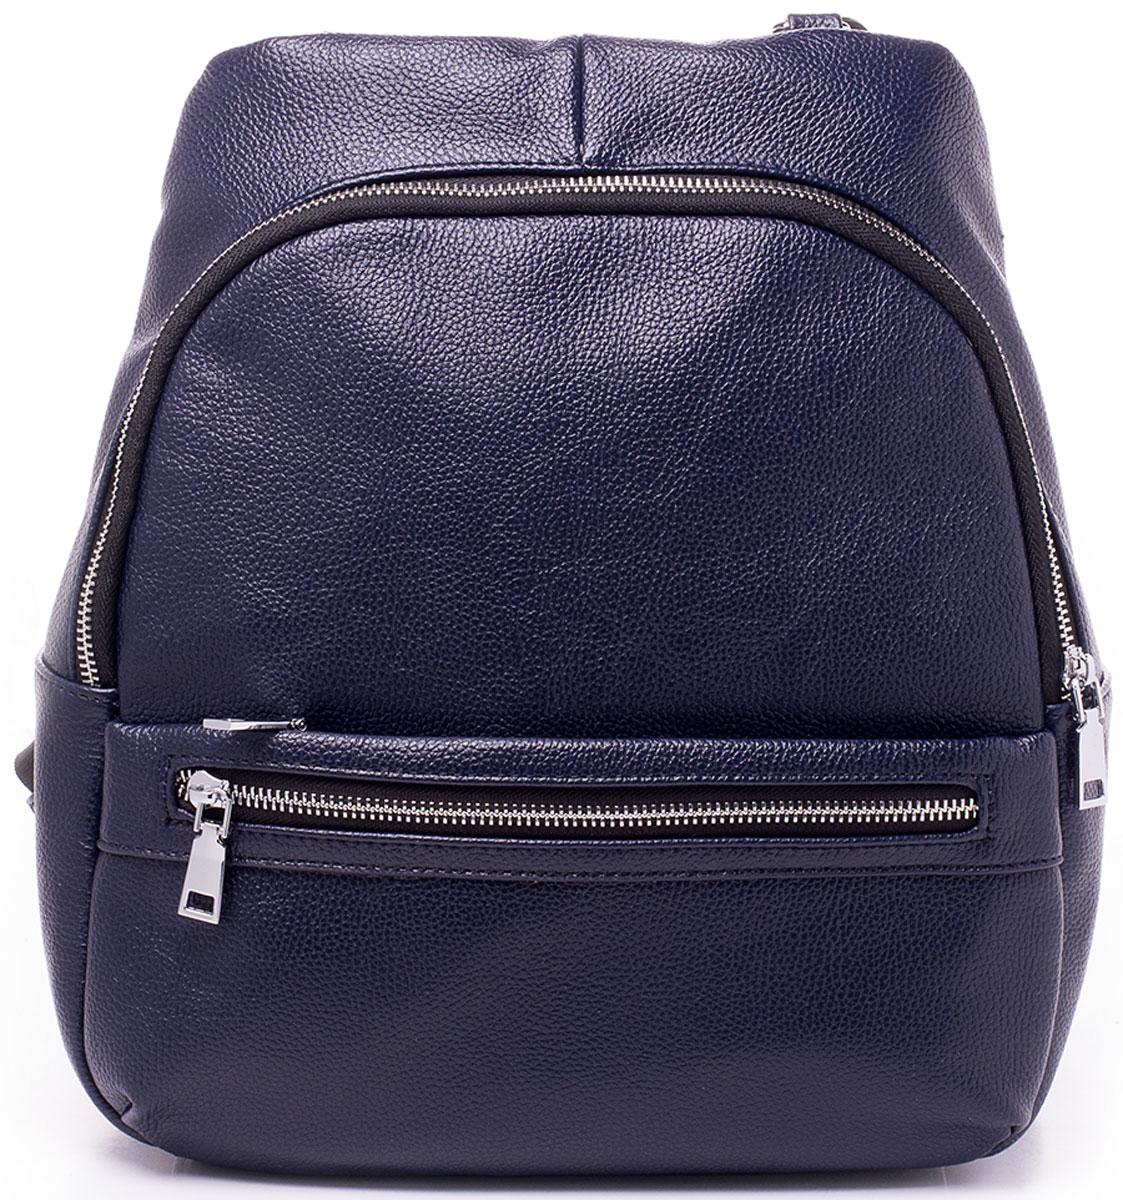 Рюкзак женский Baggini, цвет: темно-синий. 29909/4329909/43